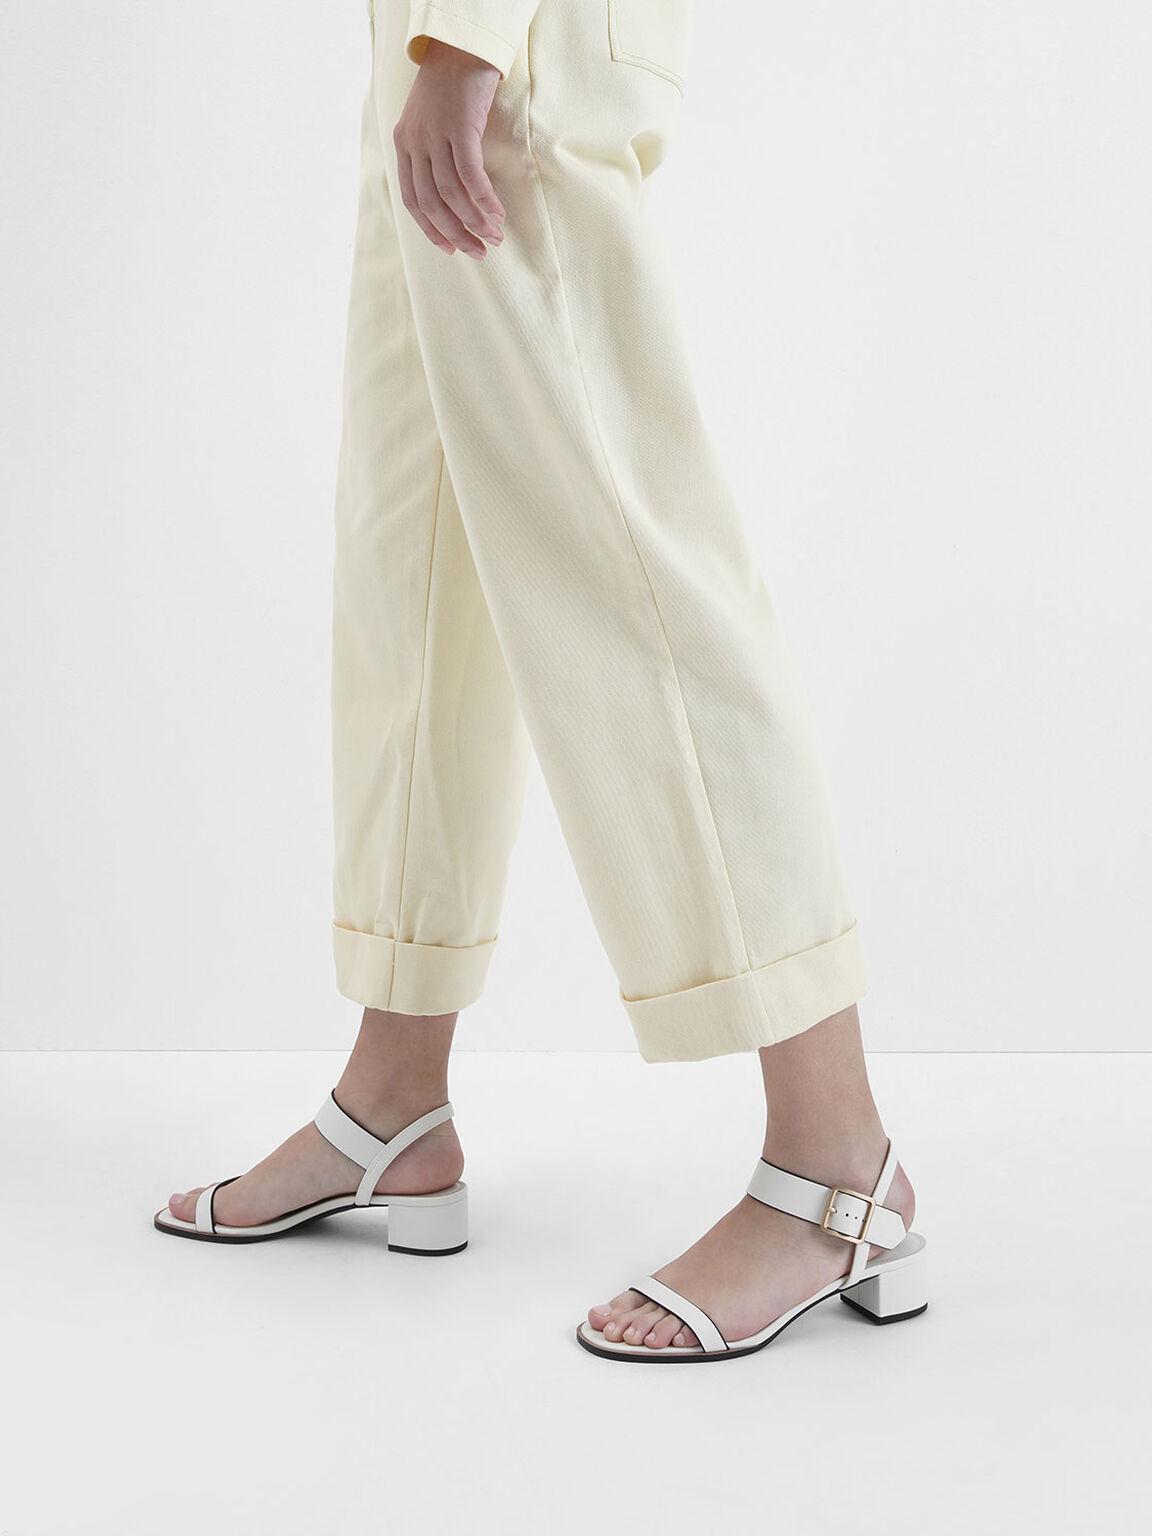 Frame Buckle Block Heel Sandals, Cream, hi-res